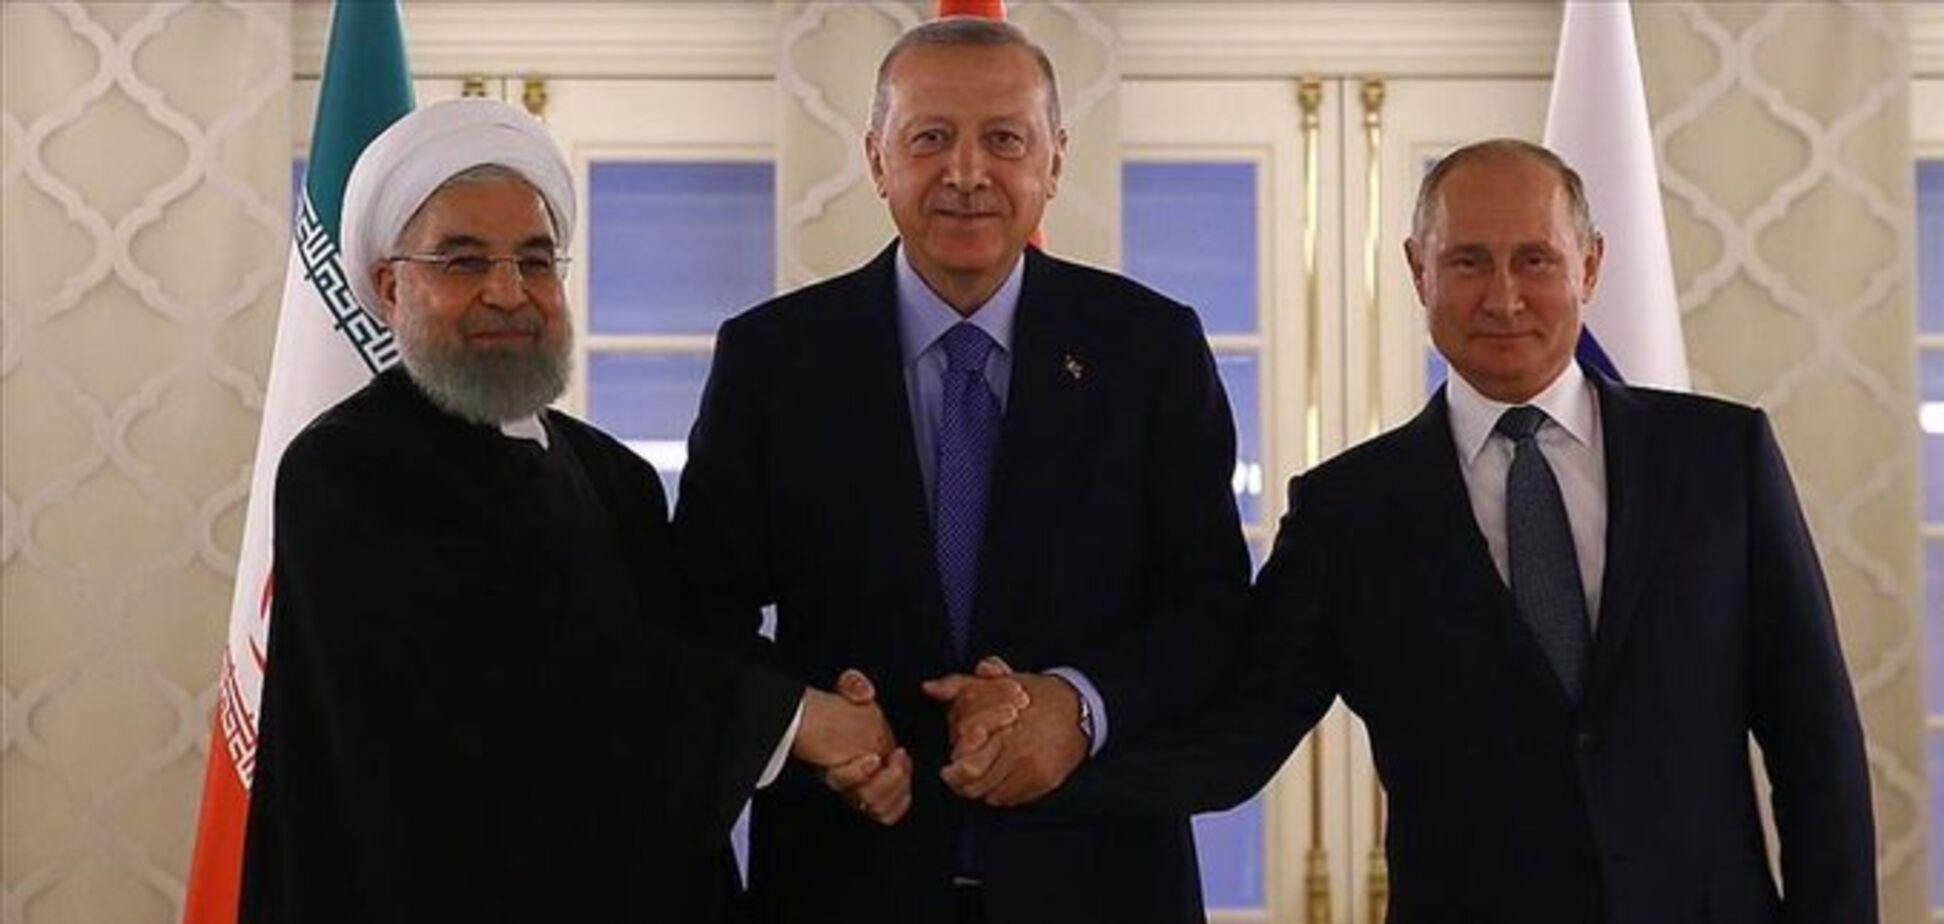 Запутался в проводах и забыл речь: появились видео конфузов Путина на встрече с Эрдоганом